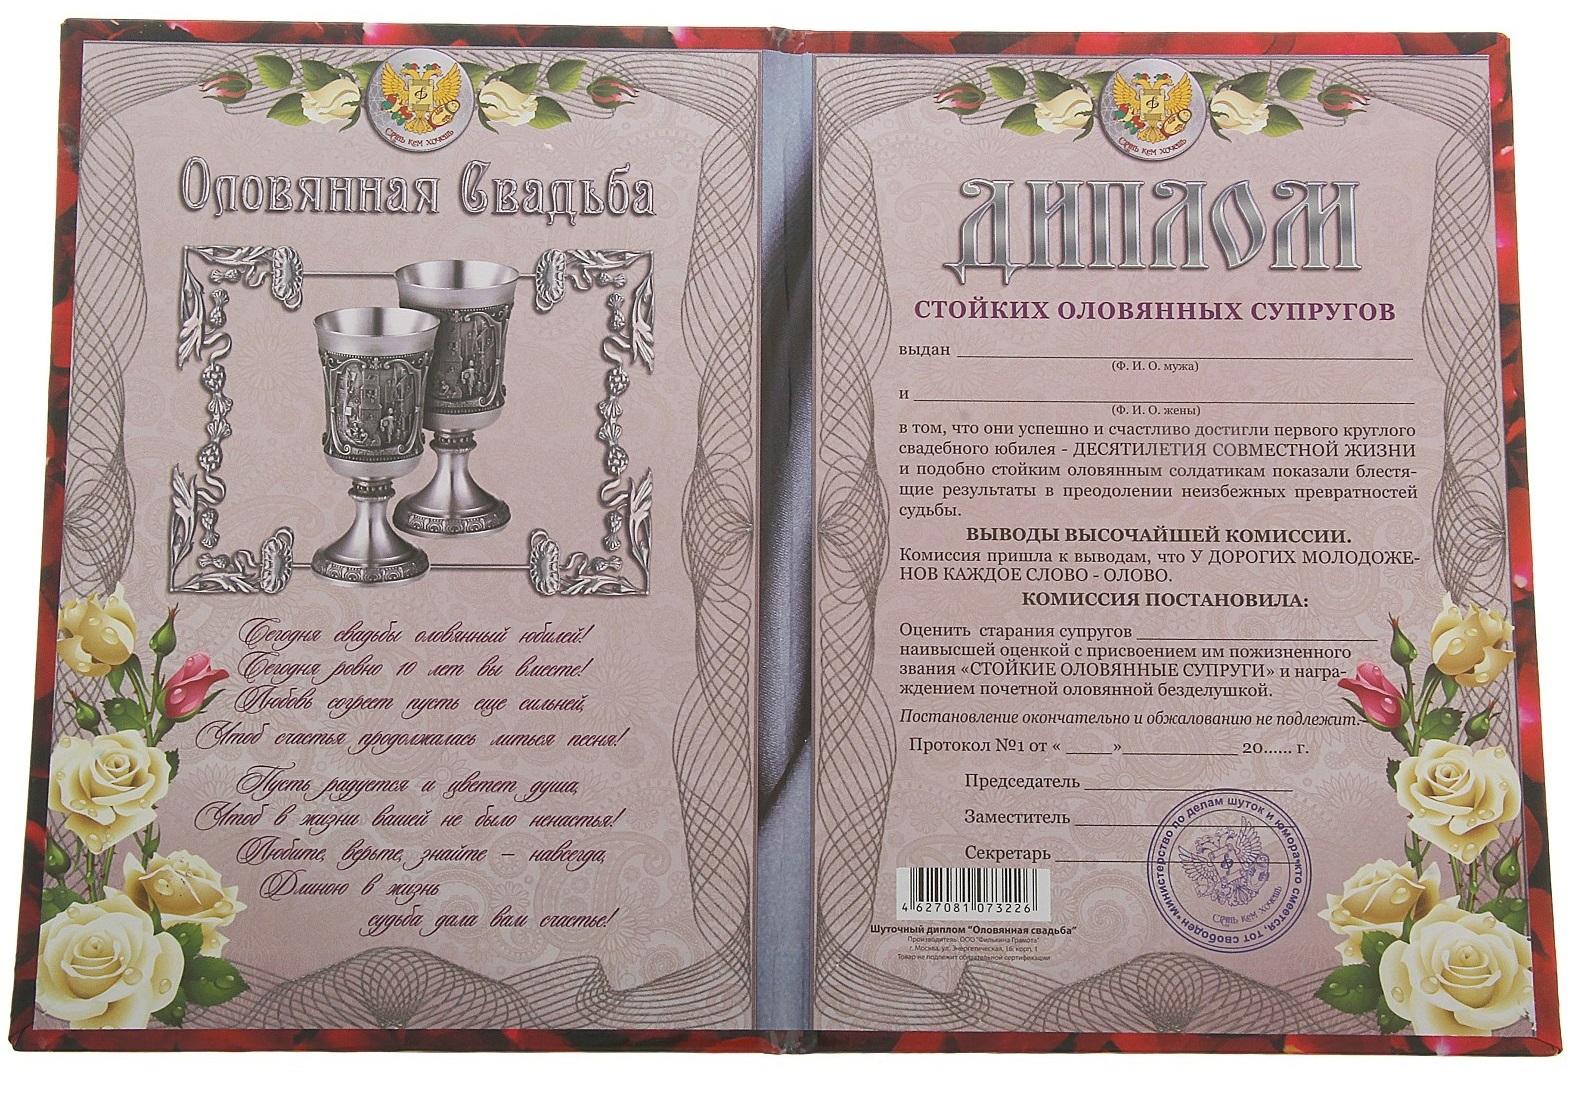 Печать грамот и дипломов для свадьбы 10 лет в Москве   фото 2